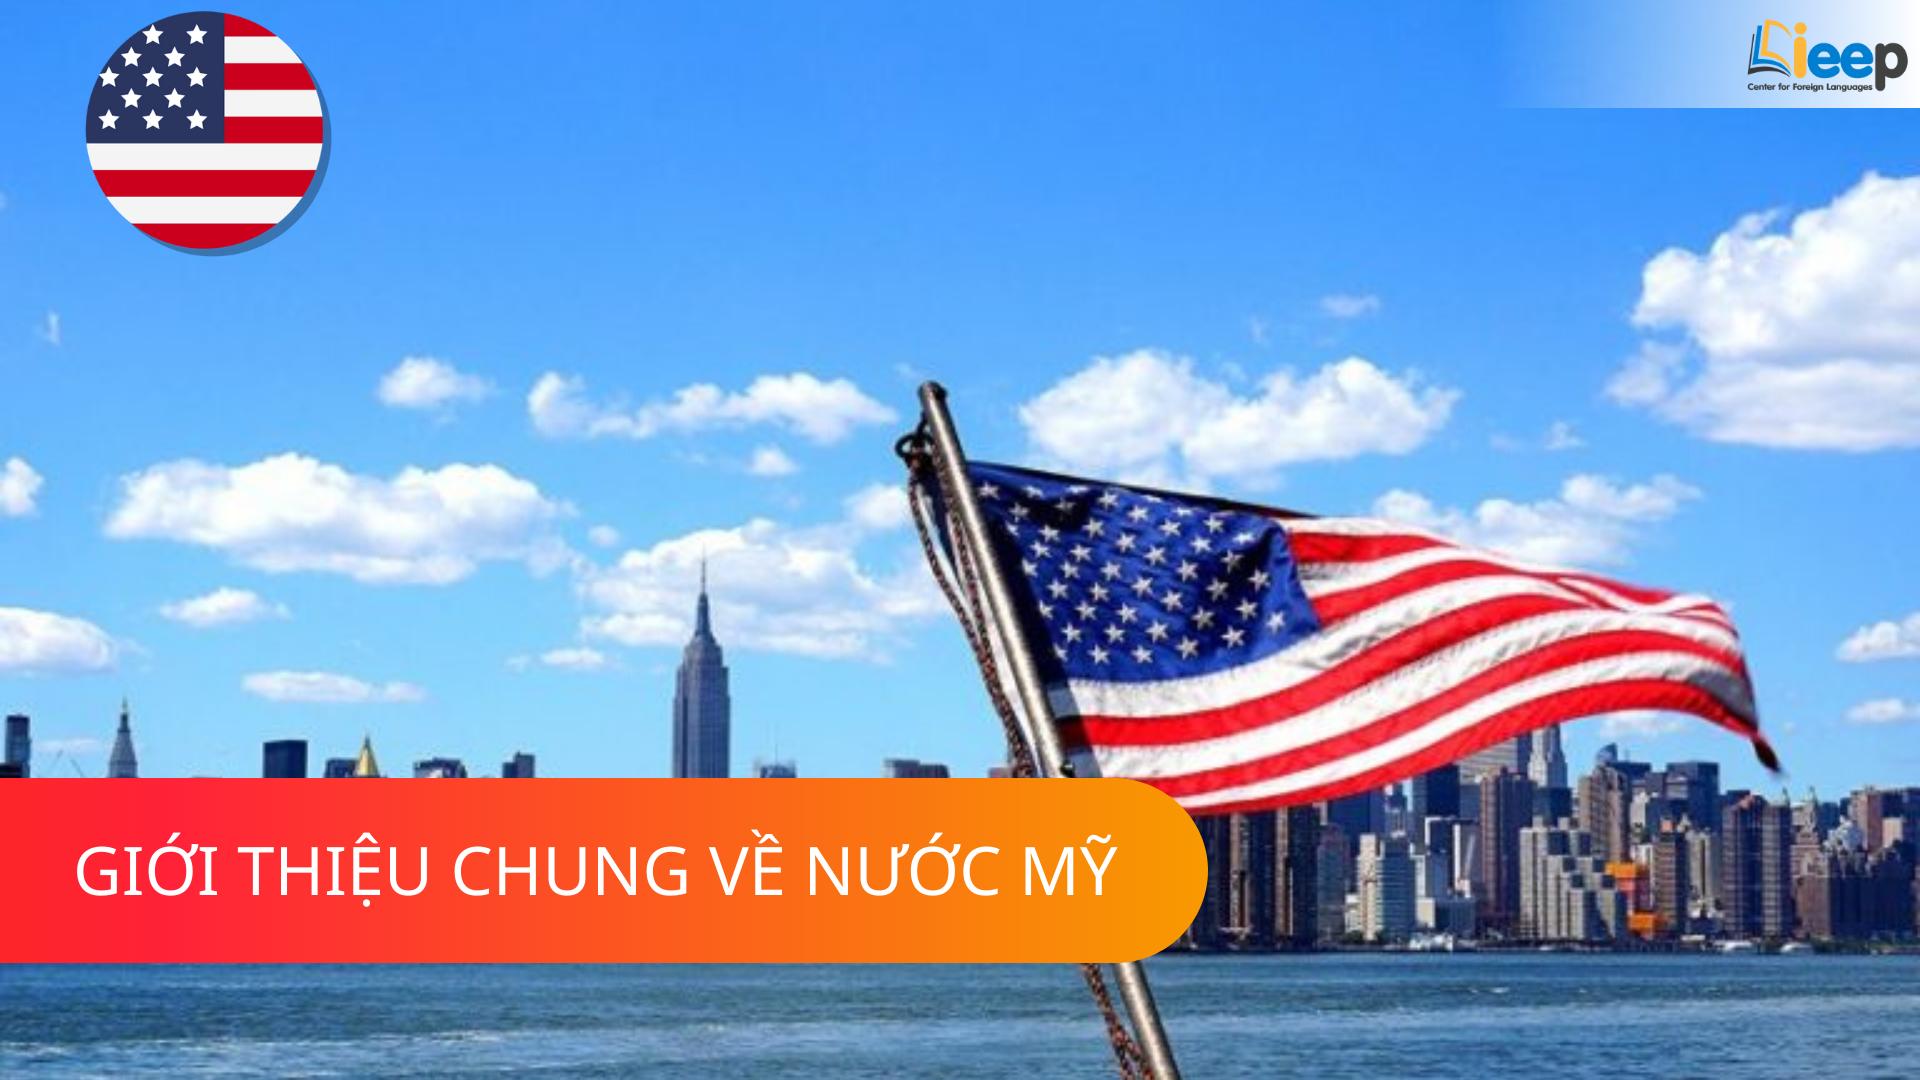 GIỚI THIỆU CHUNG VỀ NƯỚC MỸ - UNITED STATE OF AMERICA (USA)